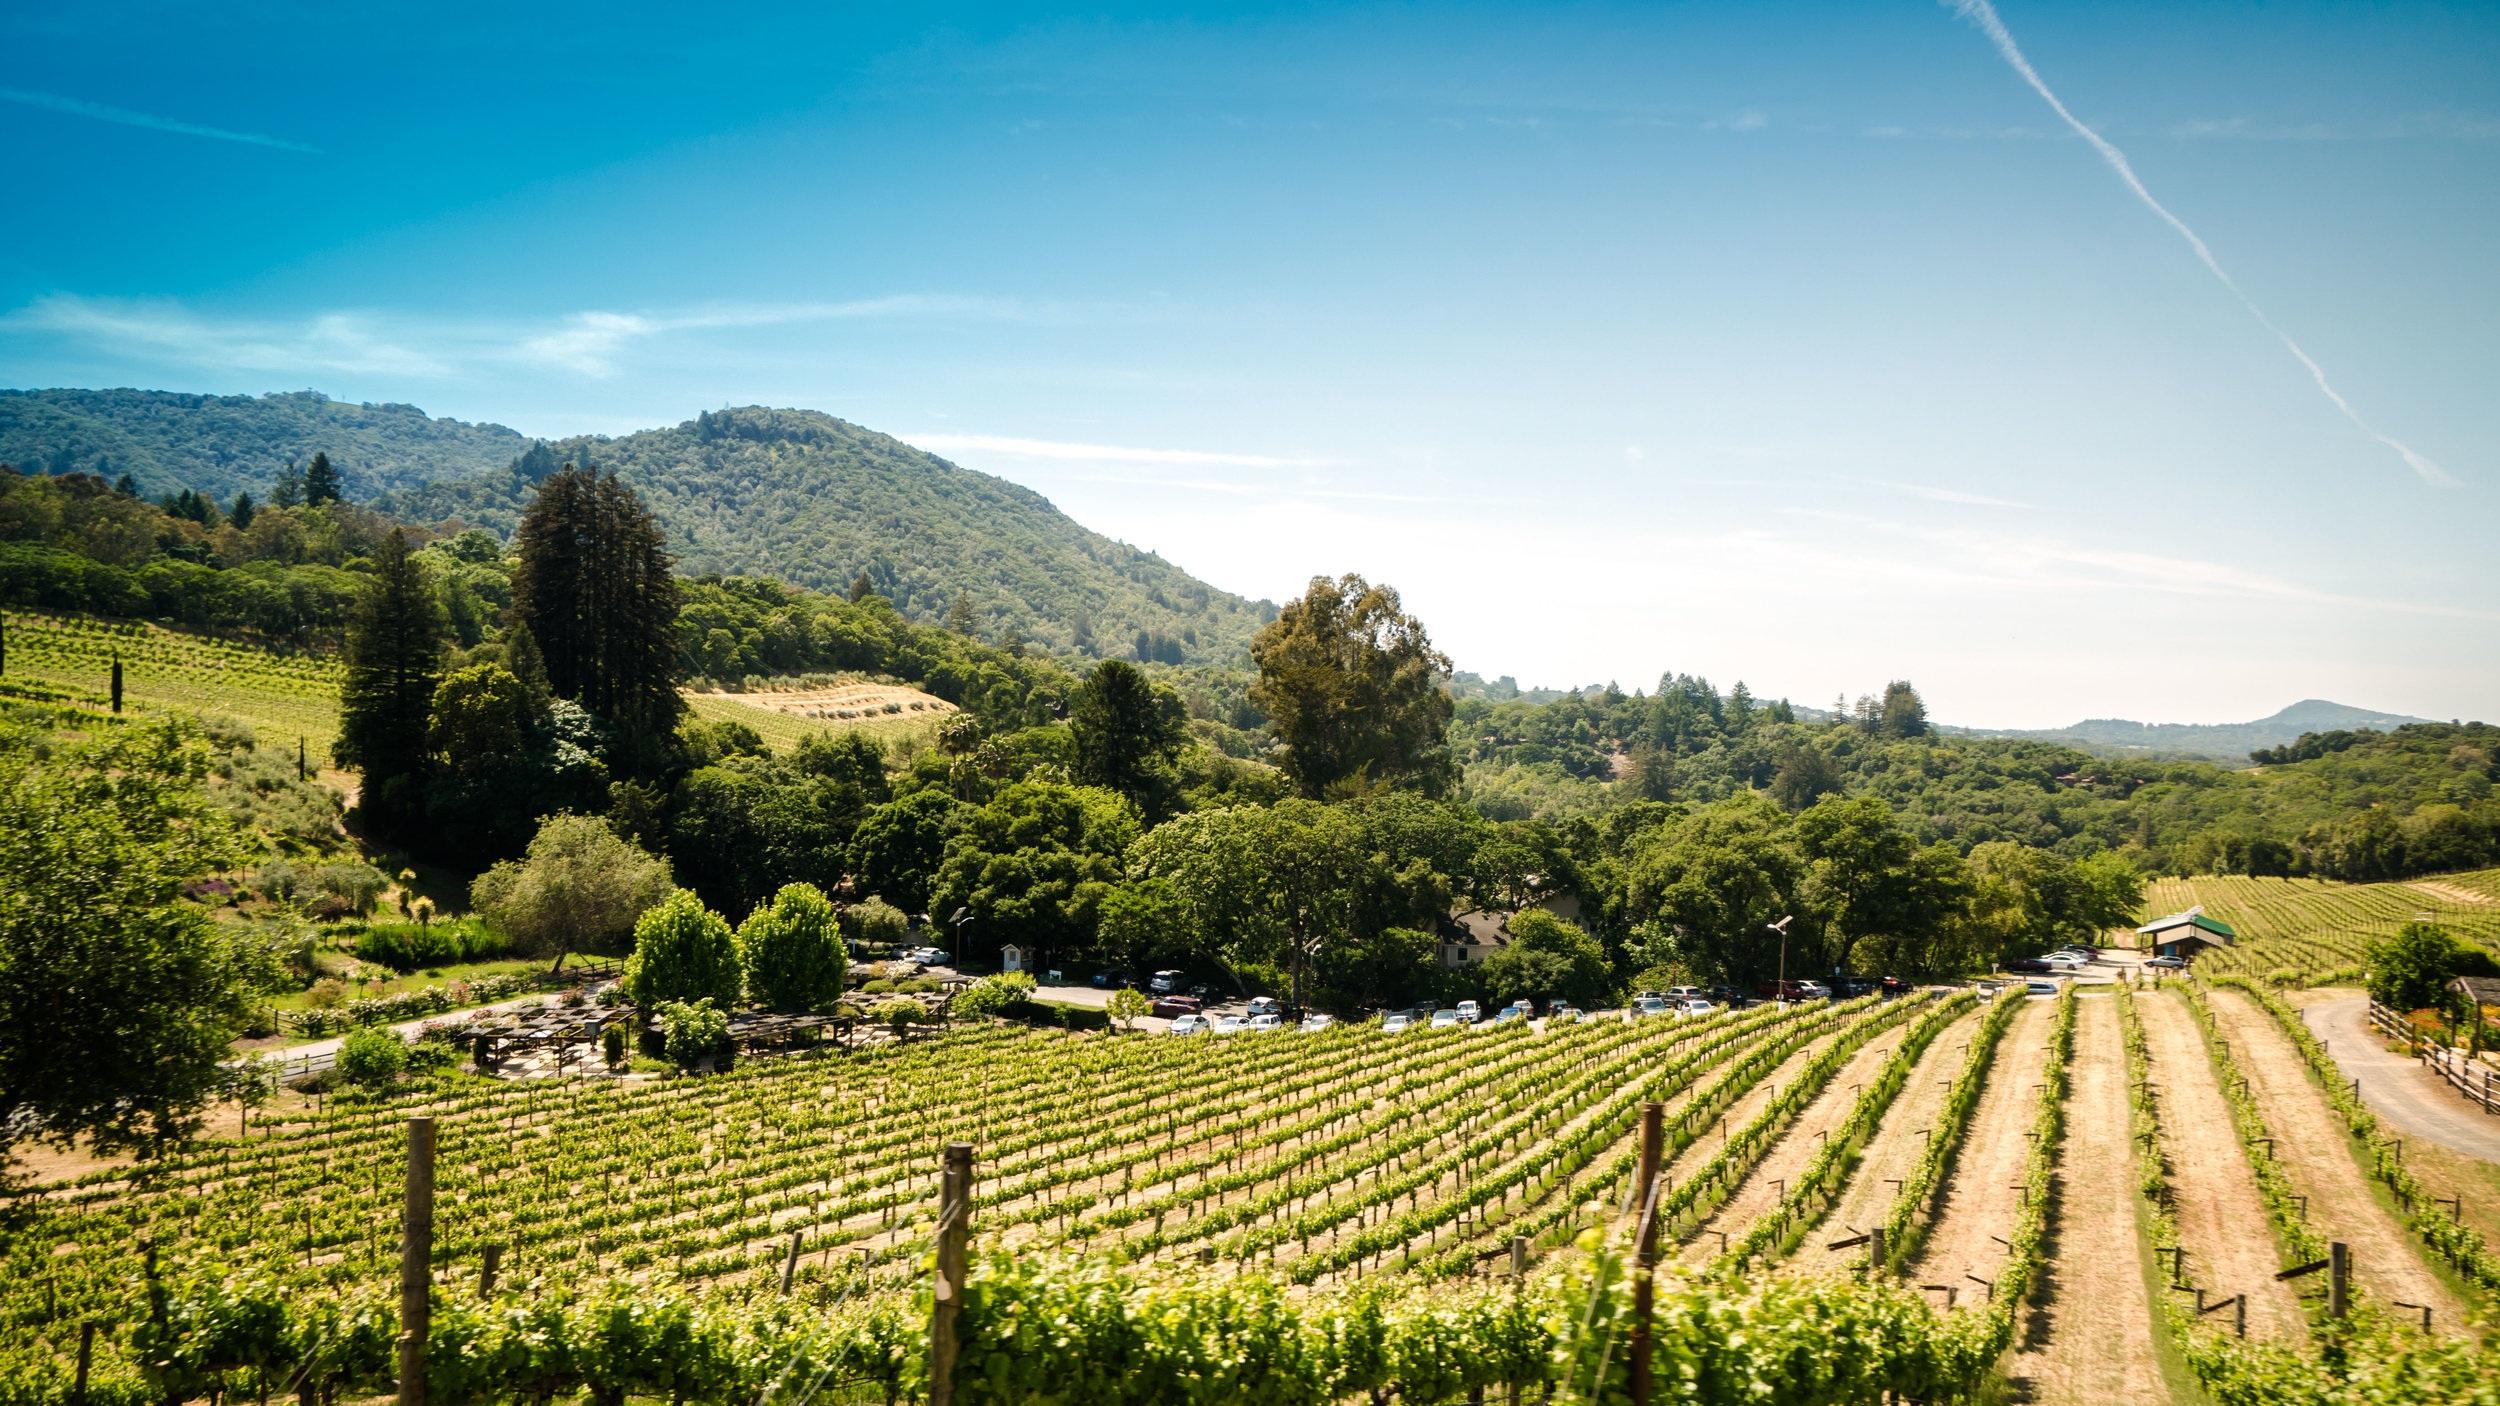 Winetrain - Den här heldagsutflykten uppfyller en vinälskares innersta drömmar. En buss-limousine tar dig med på besök till totalt fyra vingårdar i Napa Valley och Sonoma som avrundas med en fyra timmars middag på Napa Valley Wine Train. Under middagen körs du omkring i spektakulära Napa Valley innan hemfärd till hotellet.